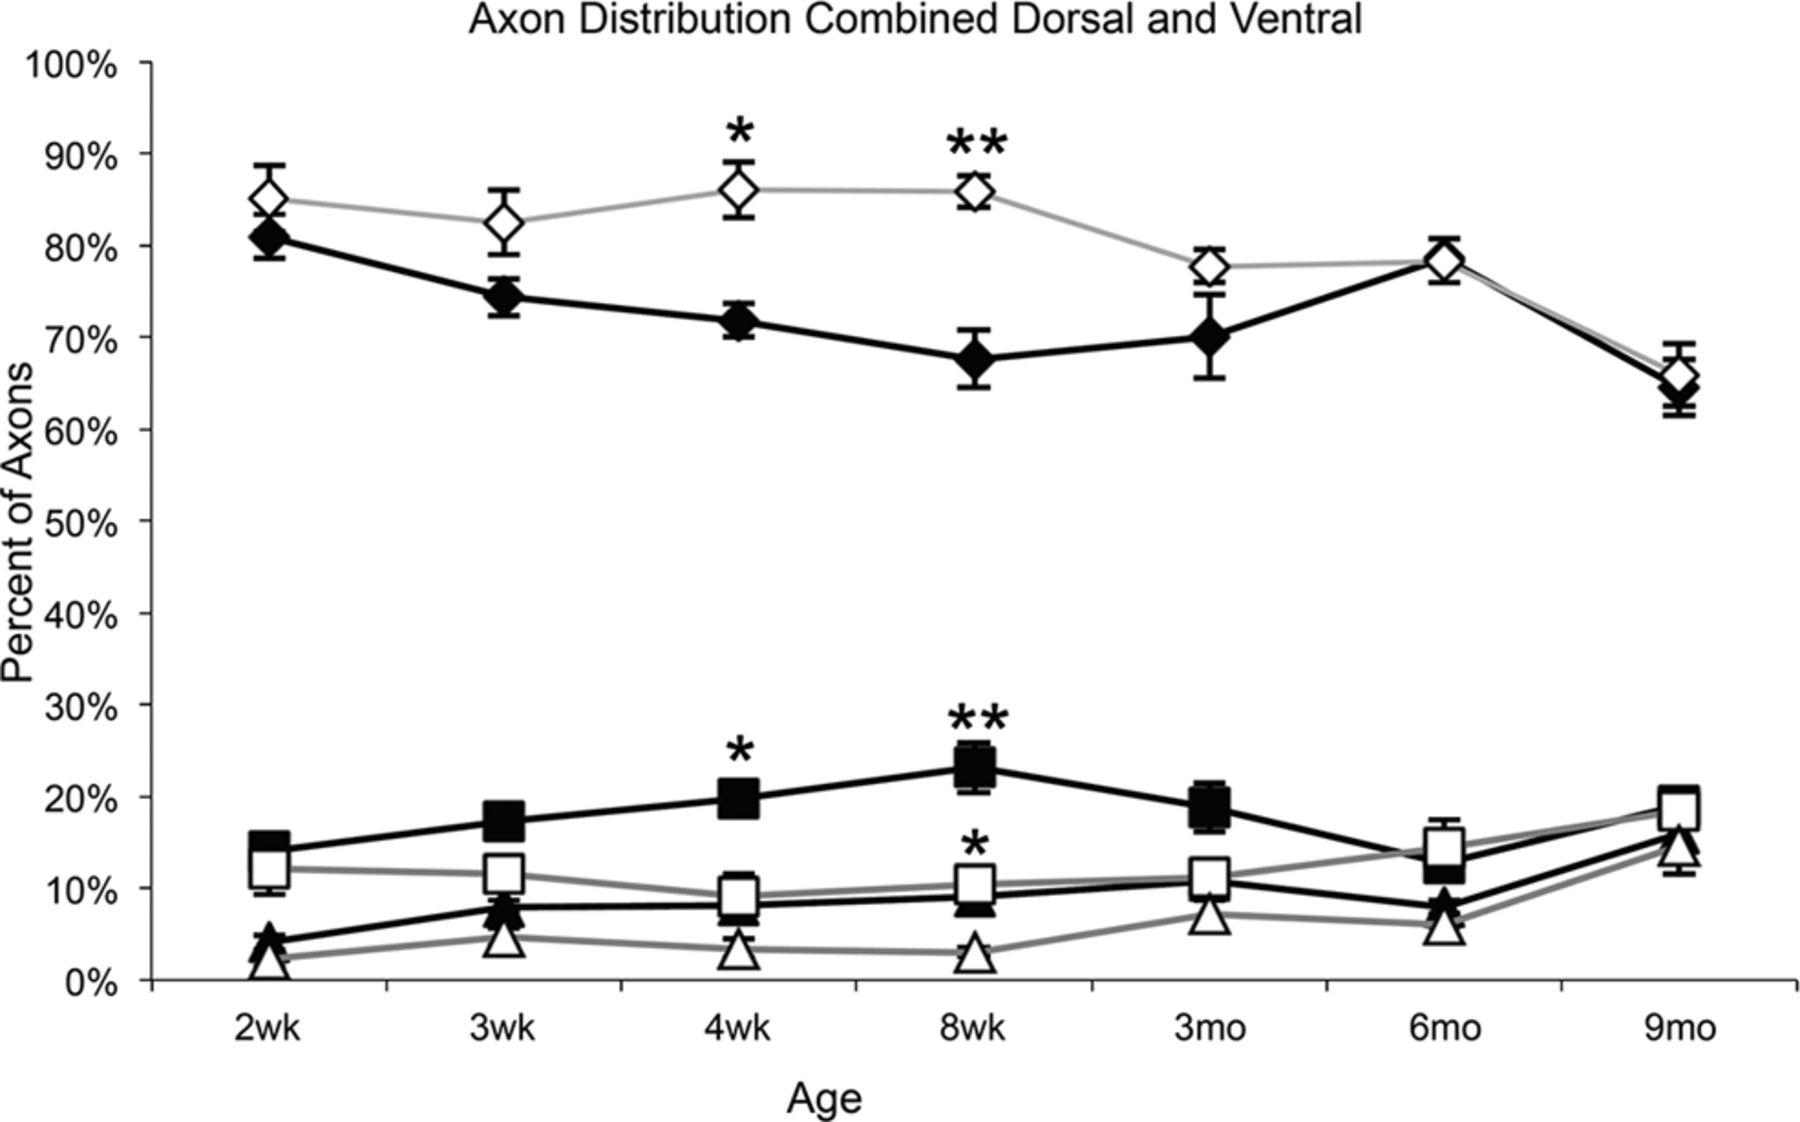 Myelin Loss Does Not Lead to Axonal Degeneration in a Long